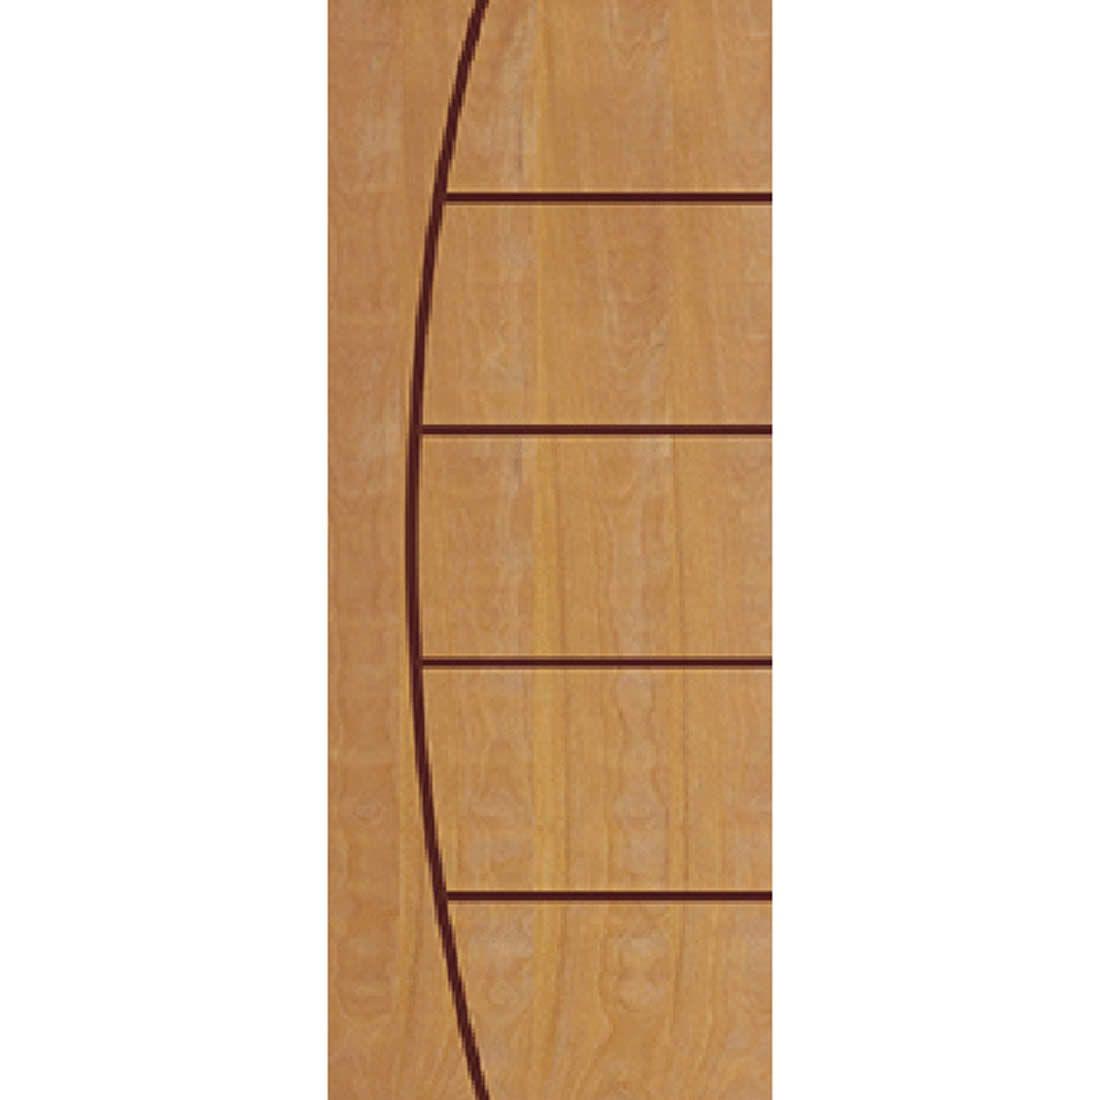 Porta 2,10 x 0,80m em Madeira Curupixa Semi Sólida Modelo 09 Frisada JB Paes